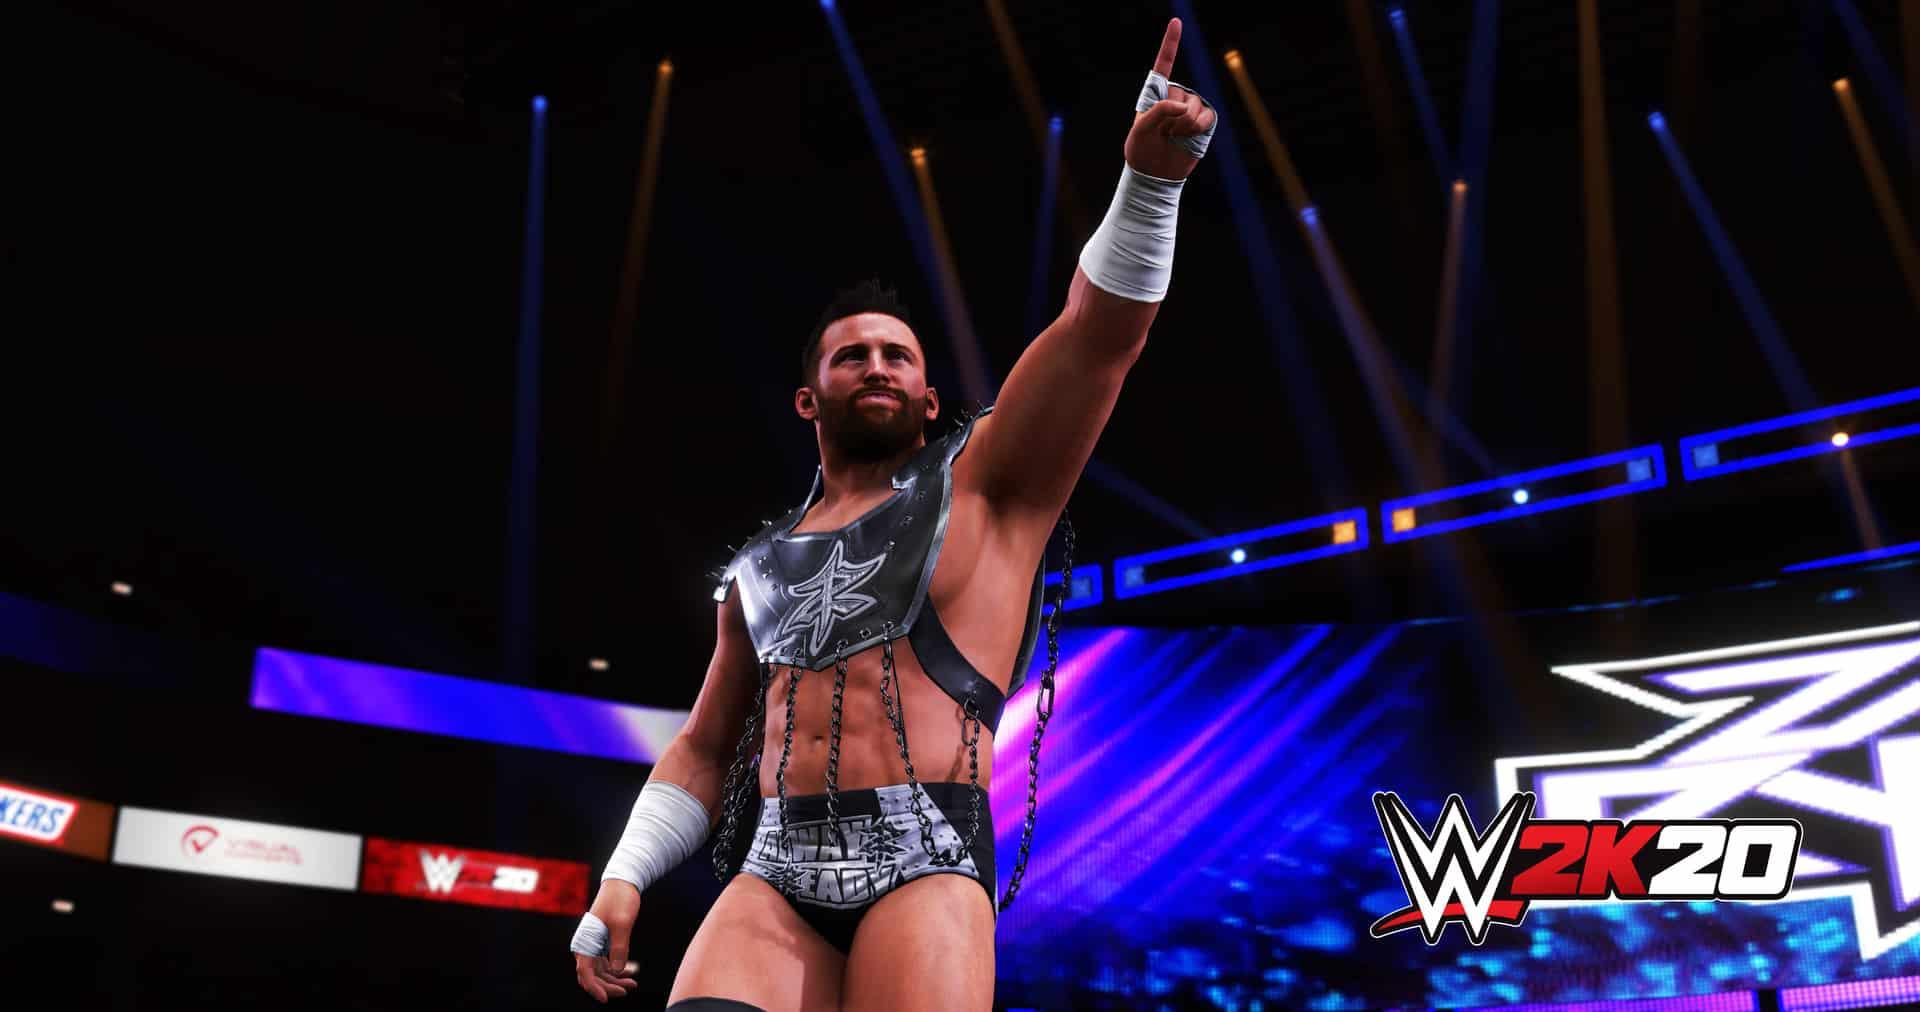 خرید دی ال سی WWE 2K20 اسکرین شات 3